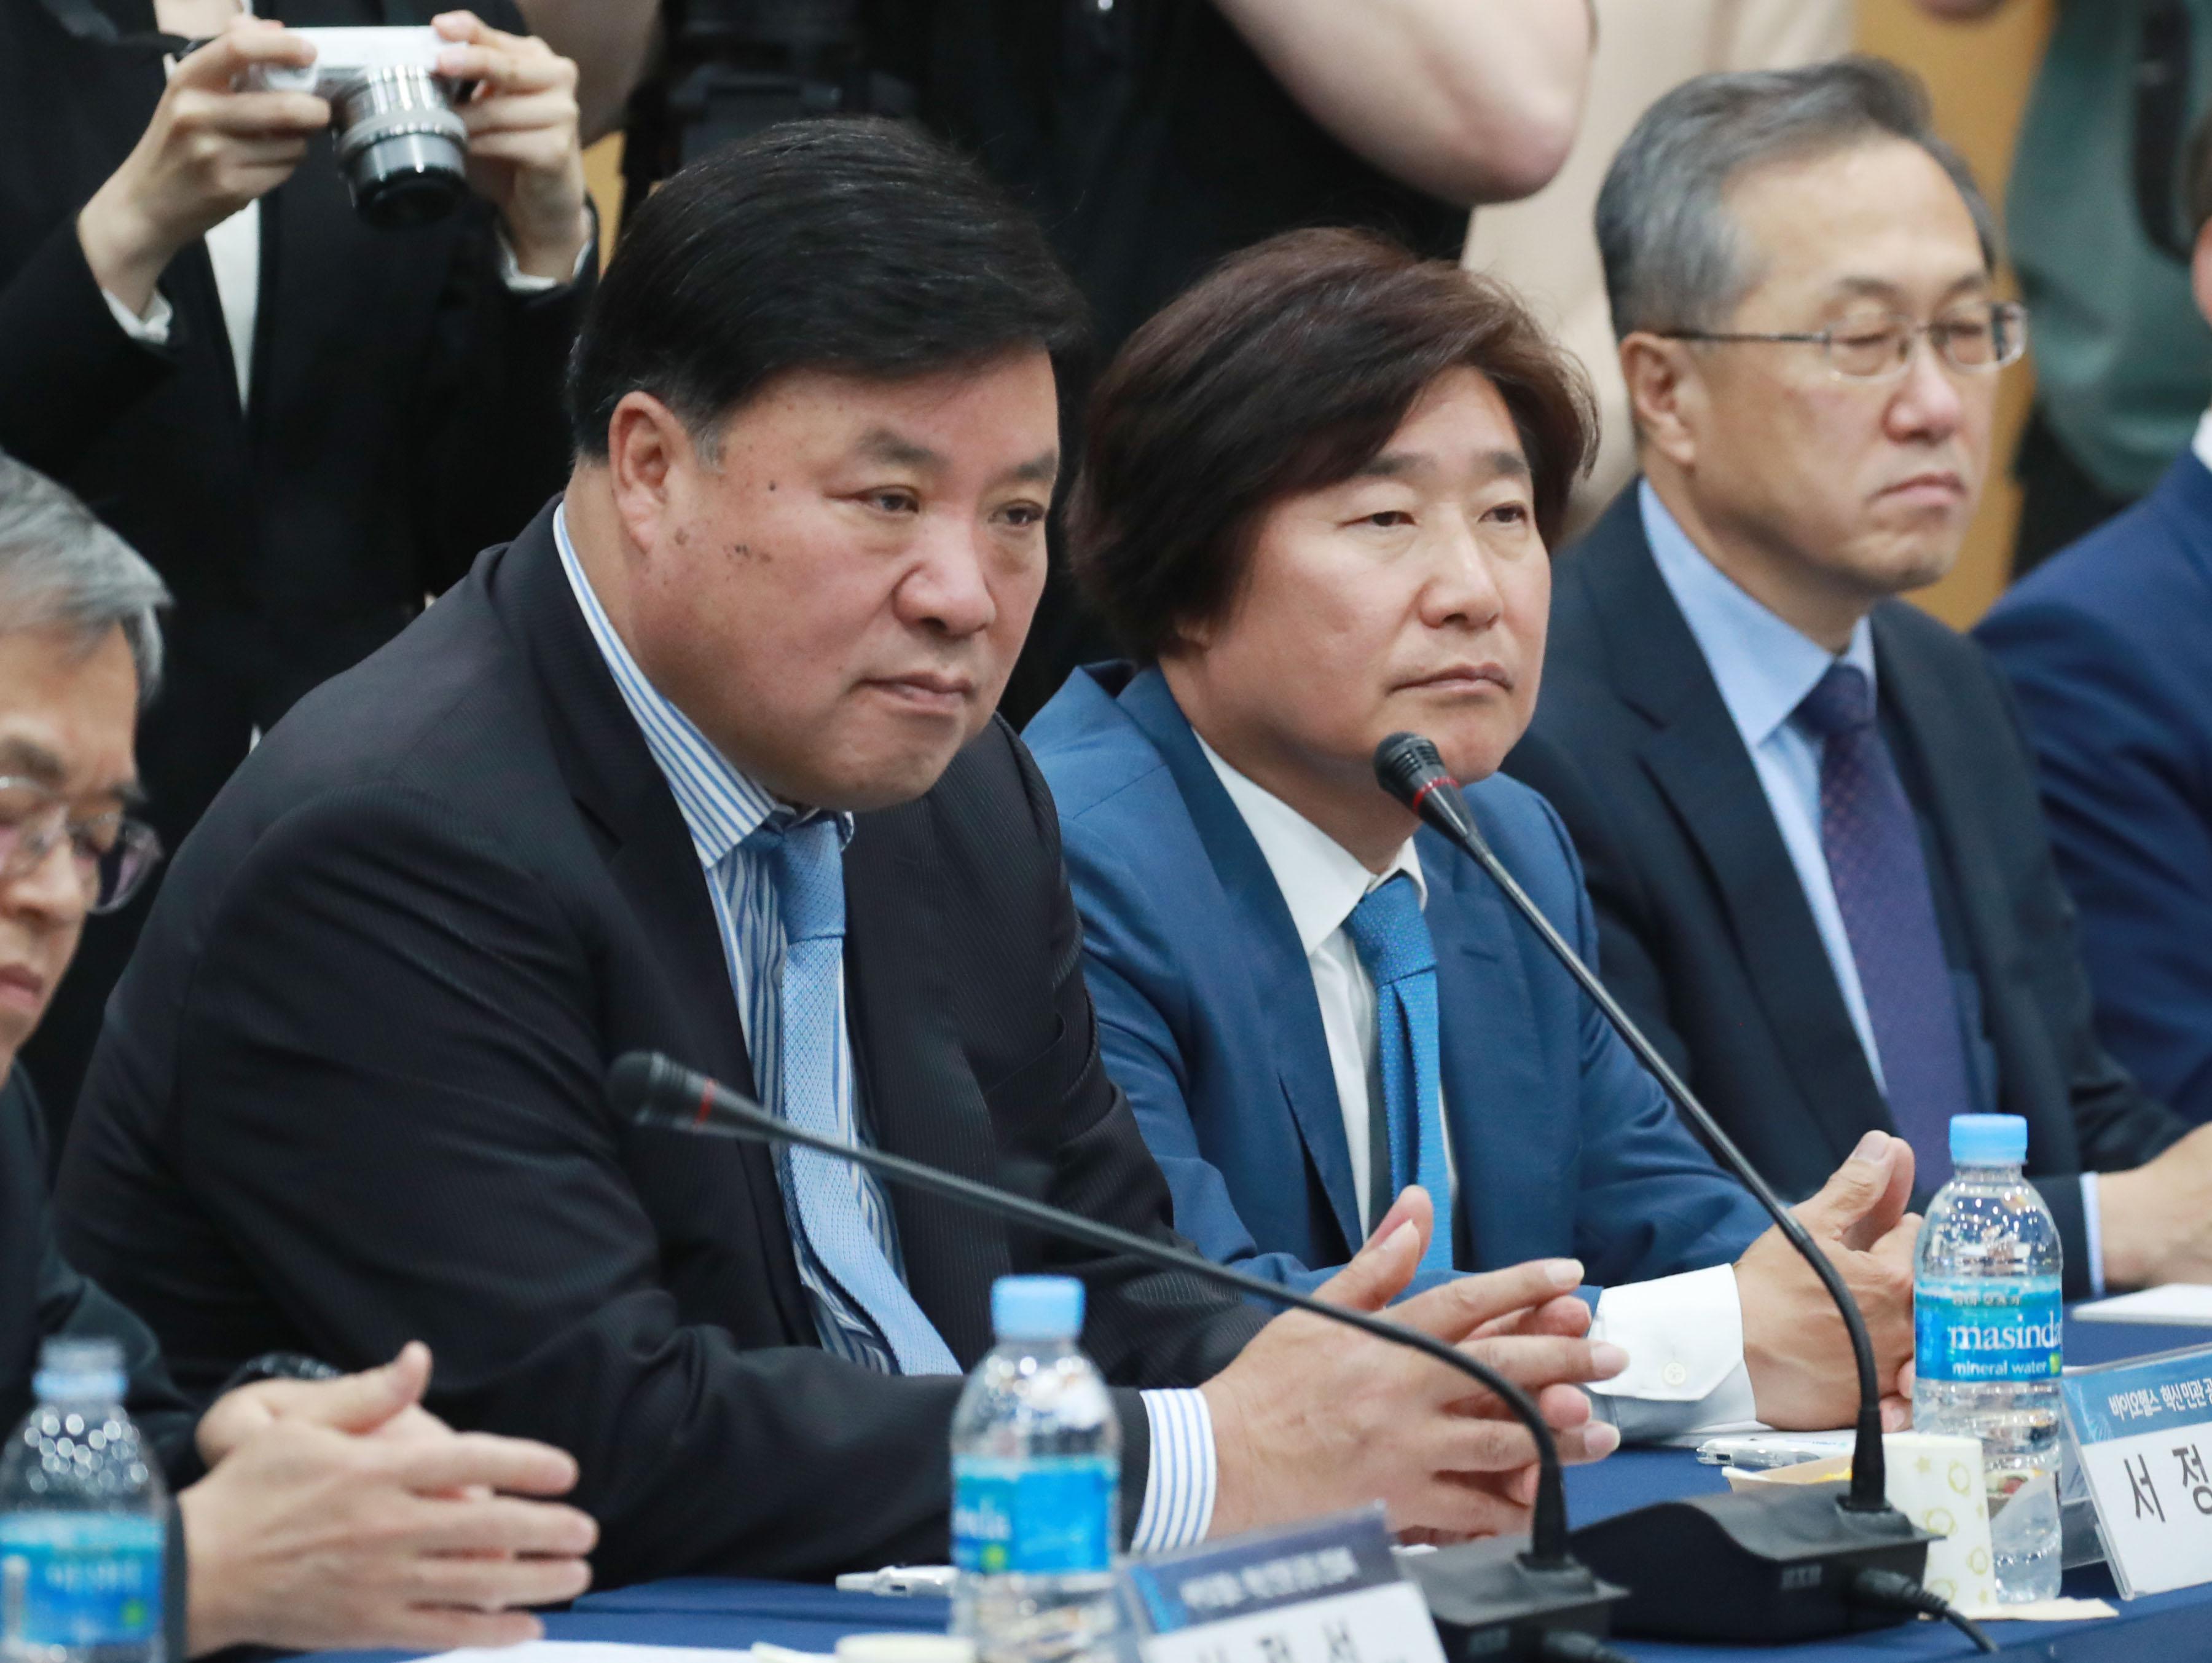 서정진 셀트리온 회장(왼쪽)이 15일 서울 서초동 한국제약바이오협회에서 열린 바이오헬스 혁신 민관 공동간담회에서 발언을 듣고 있다. 연합뉴스 제공